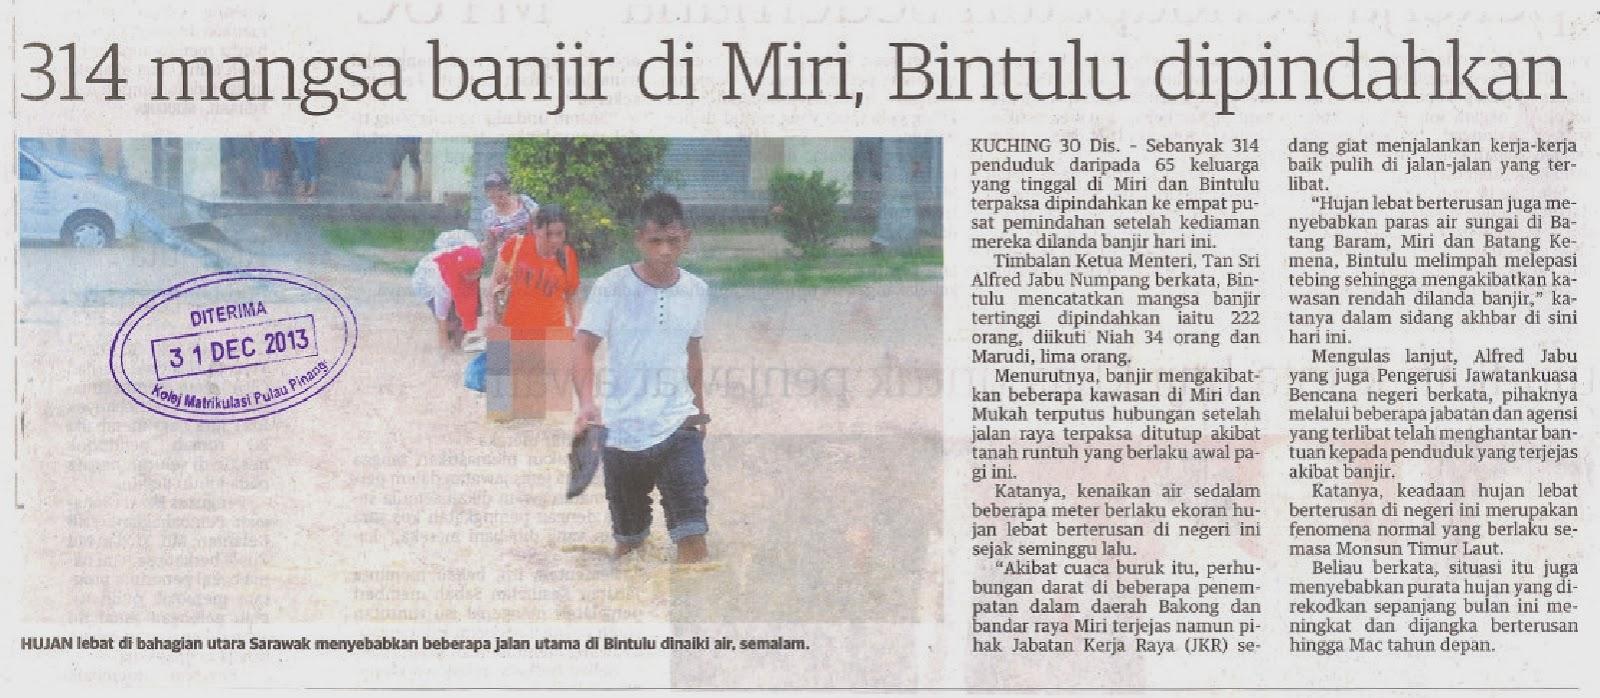 KERATAN AKHBAR KMPP: 314 mangsa banjir di Miri, Bintulu dipindahkan ...